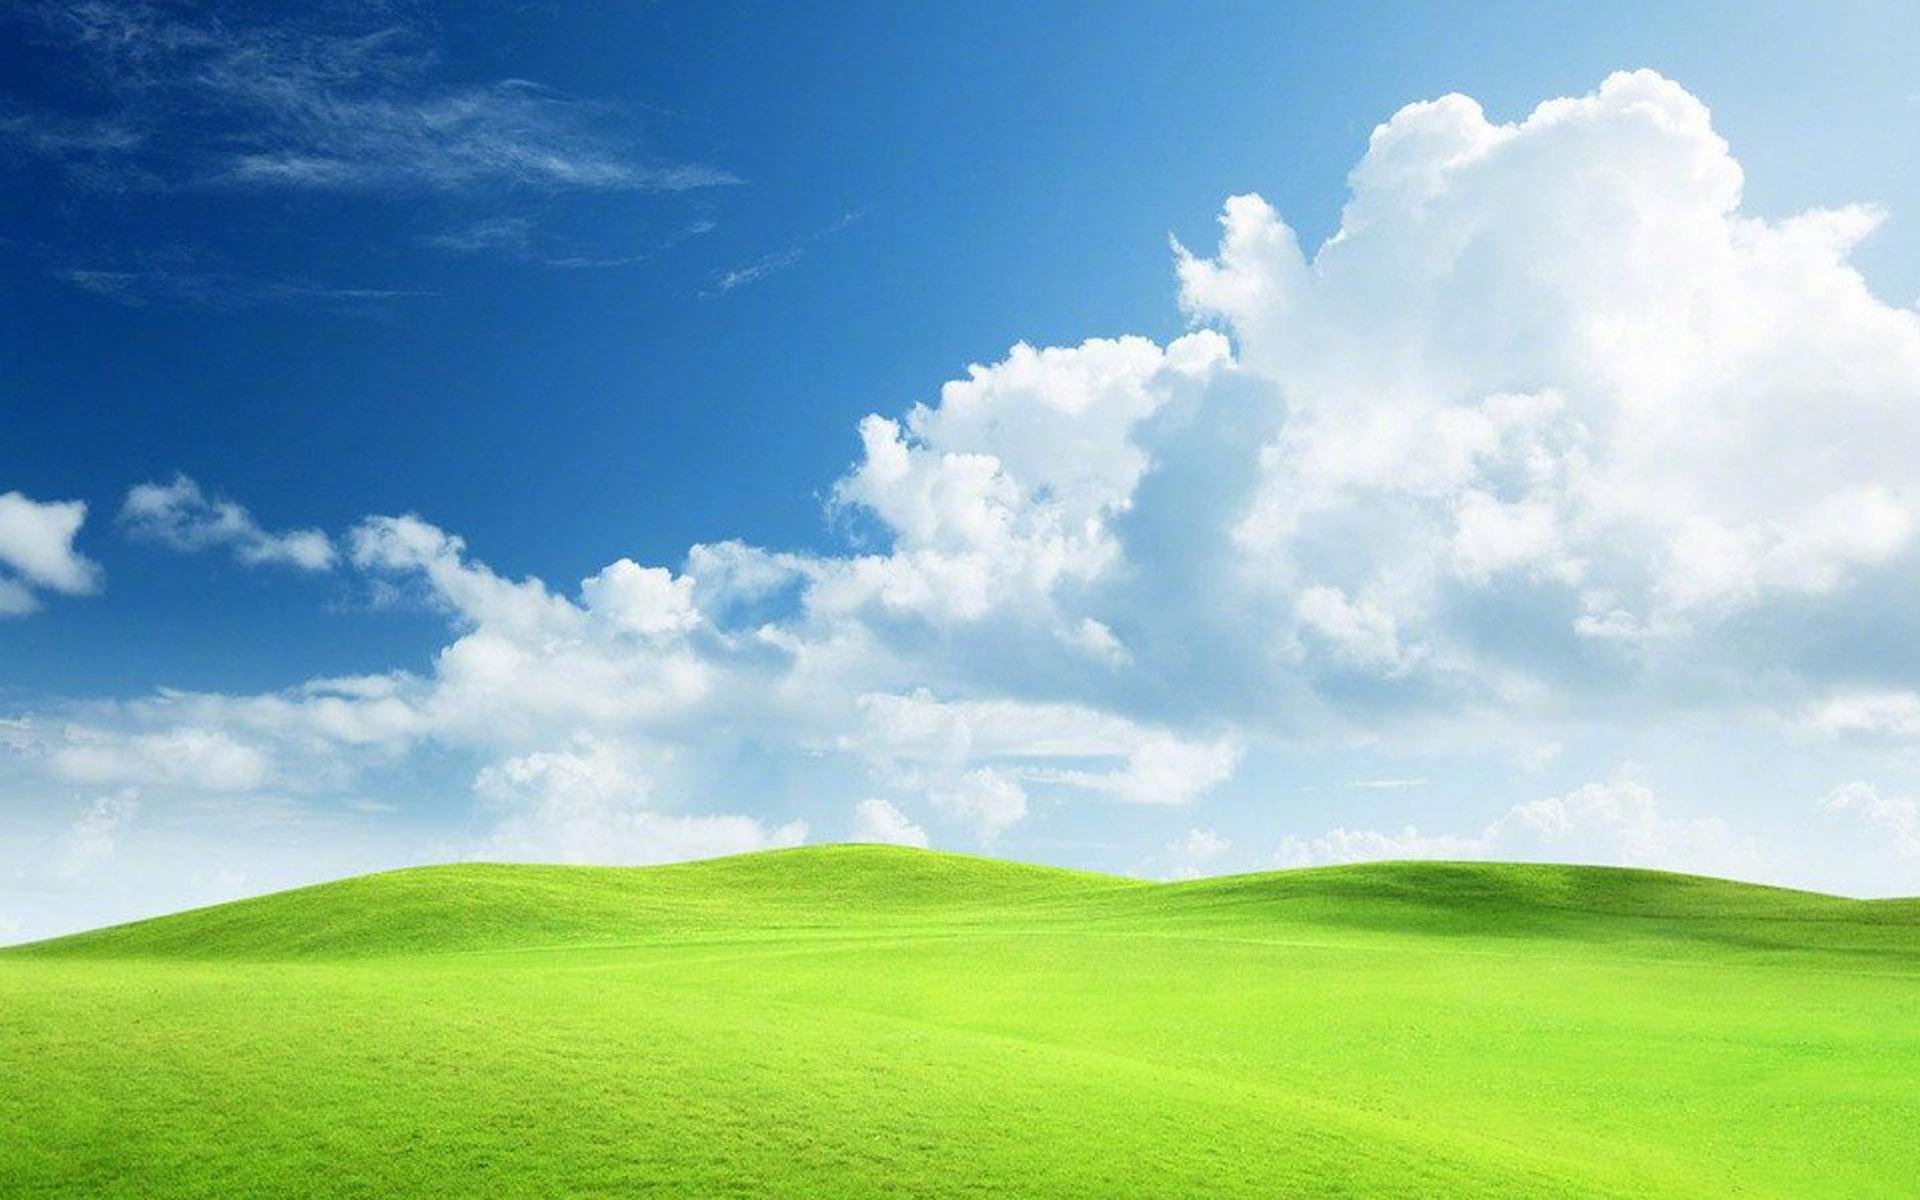 绿草地图片唯美风景经典桌面壁纸下载